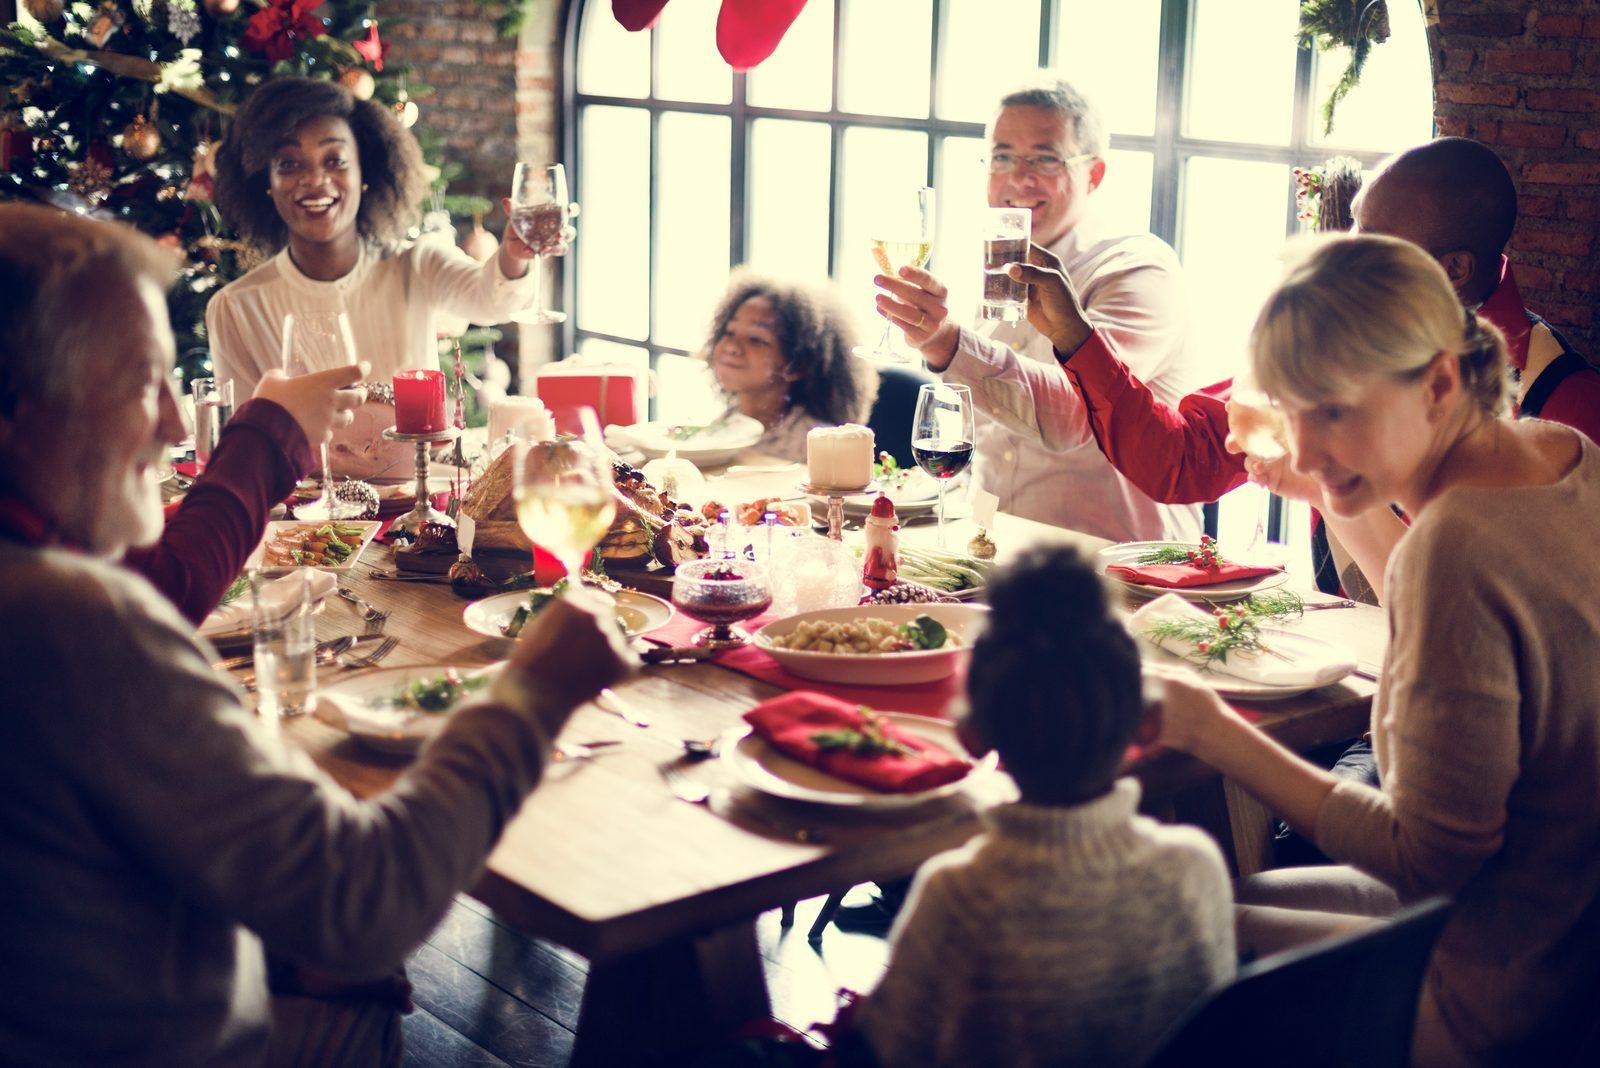 Gruppenunterkunft zu Weihnachten